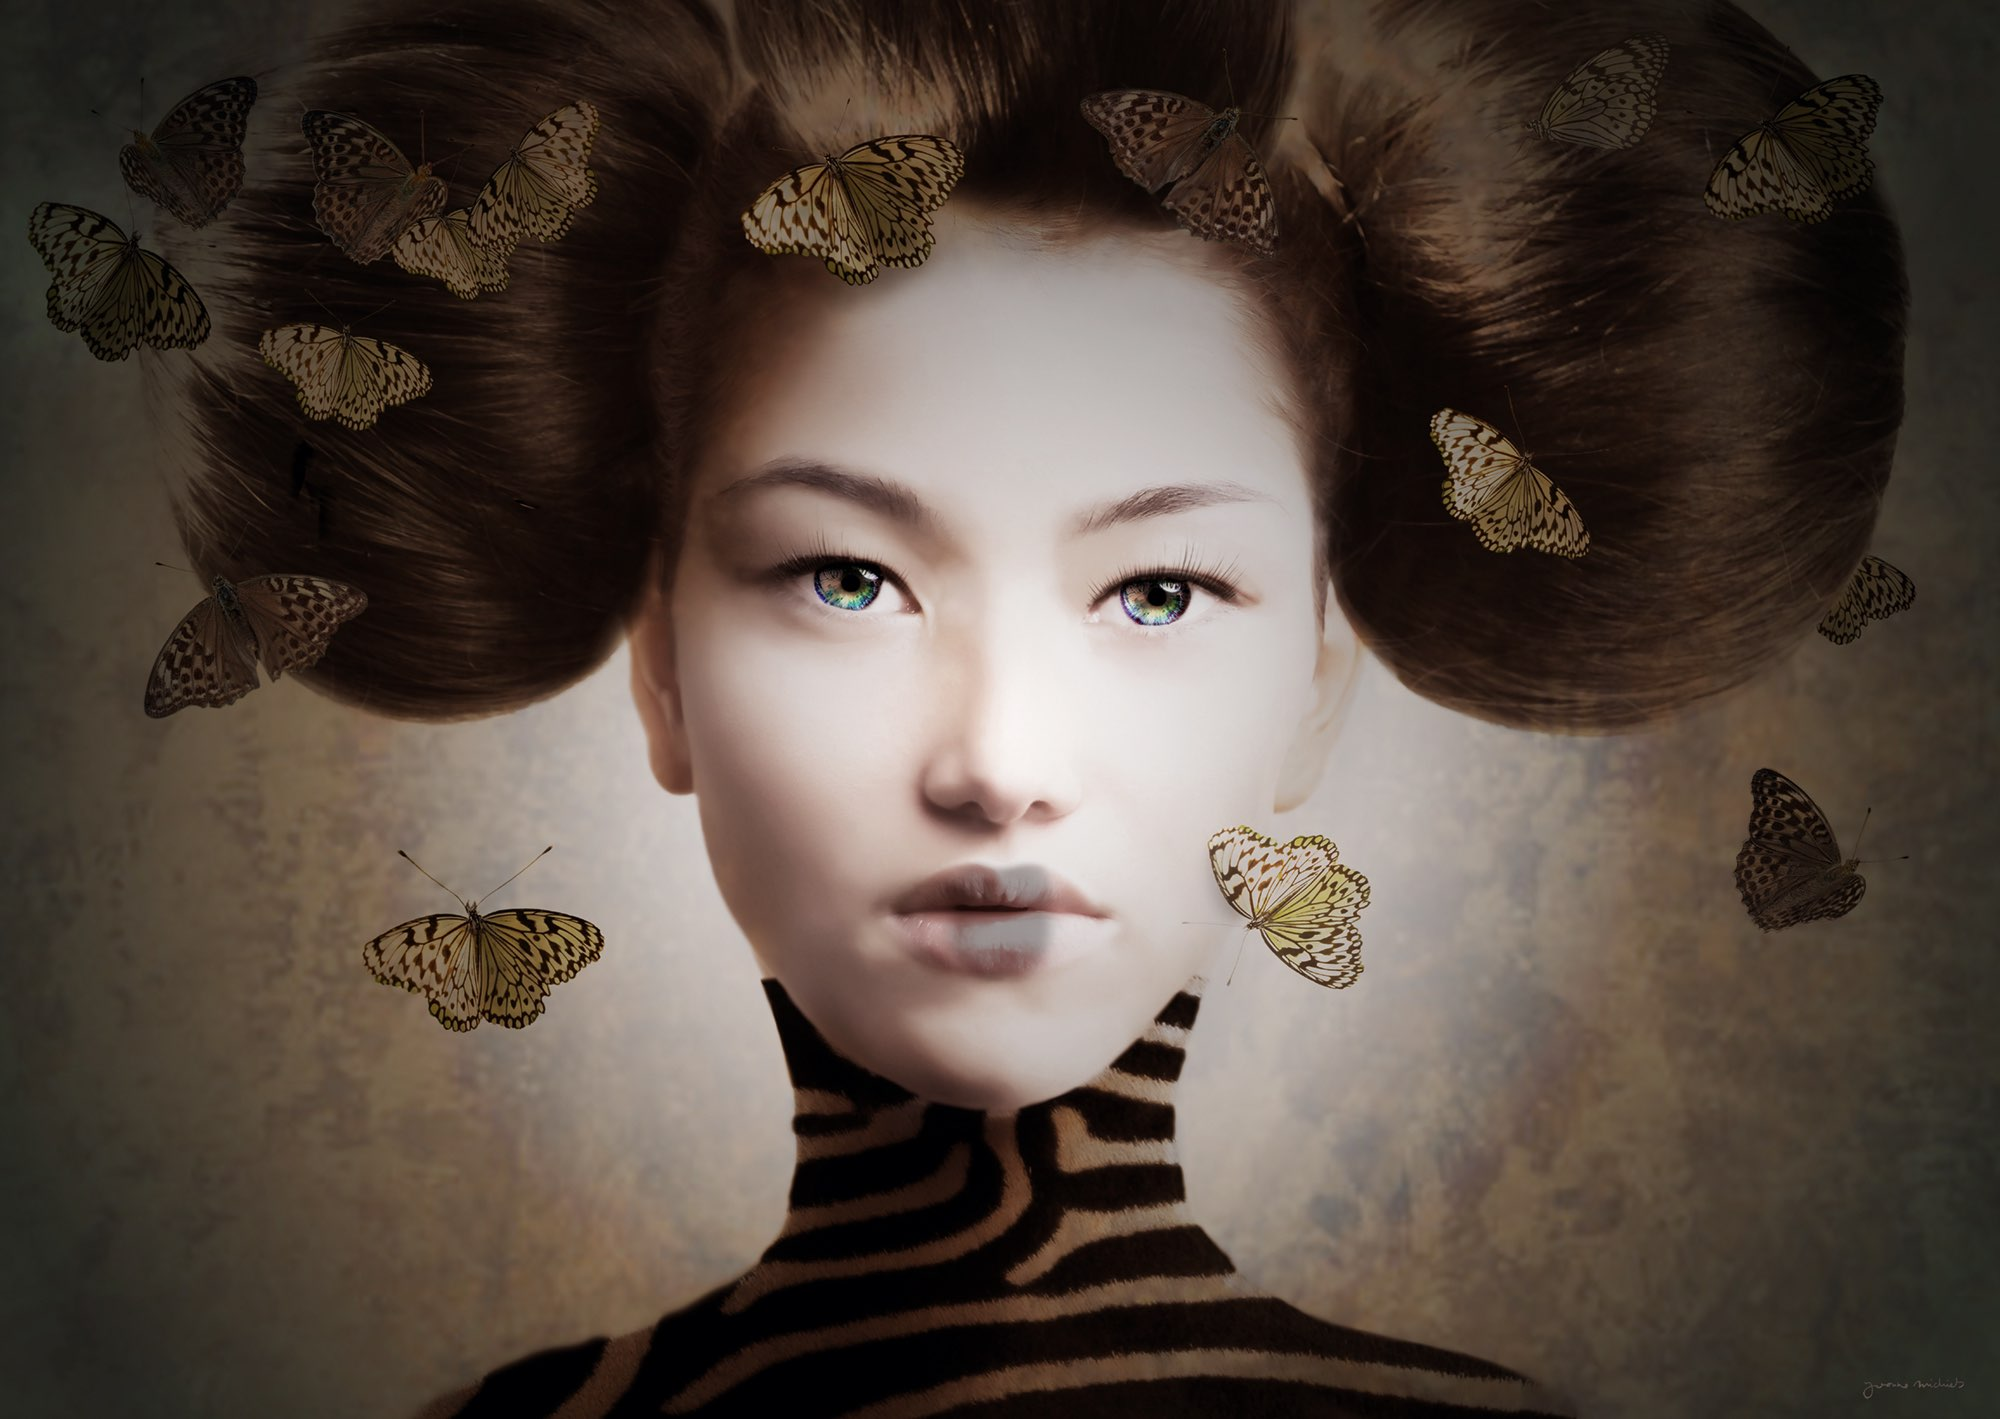 fotoportret van vrouw met bijzondere haardracht